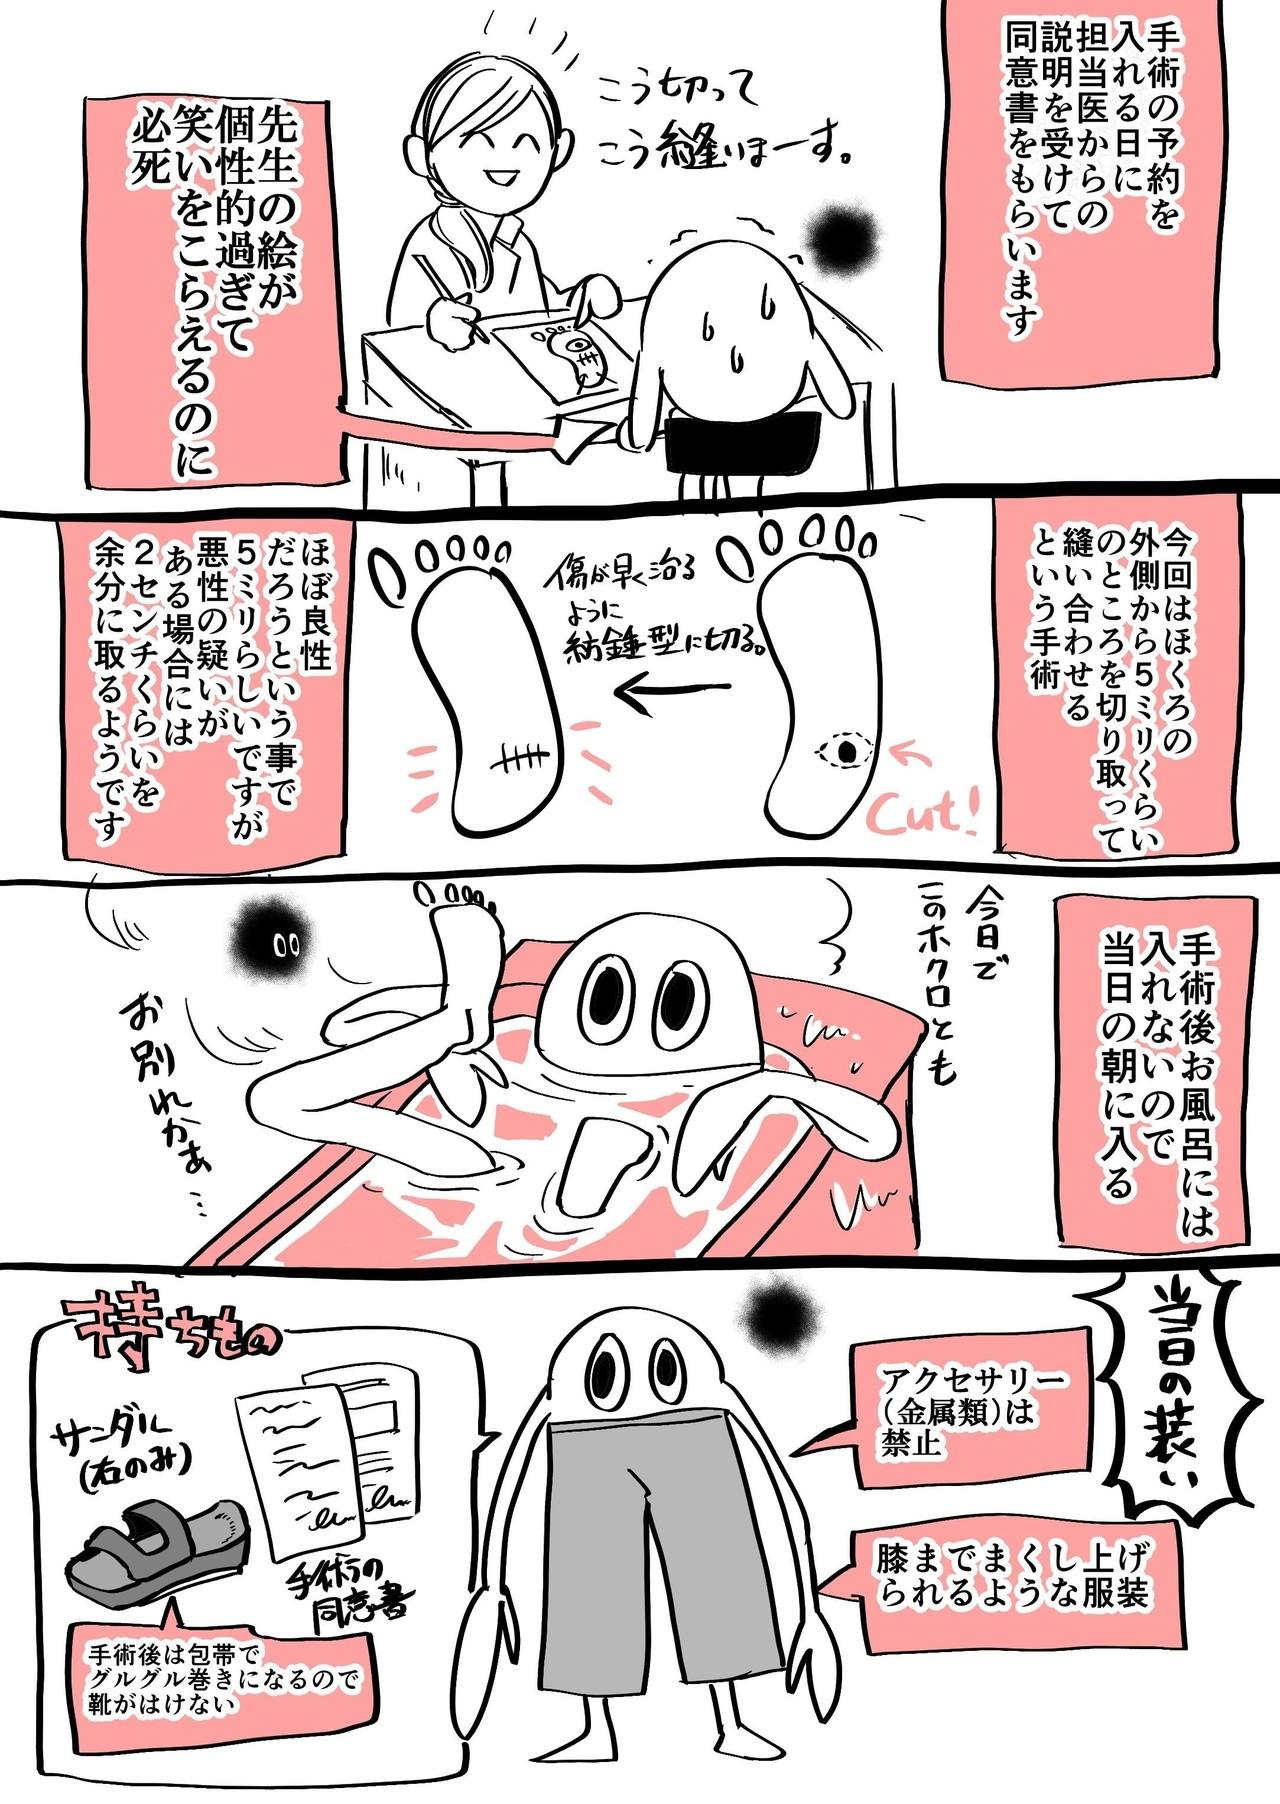 後編原稿_001